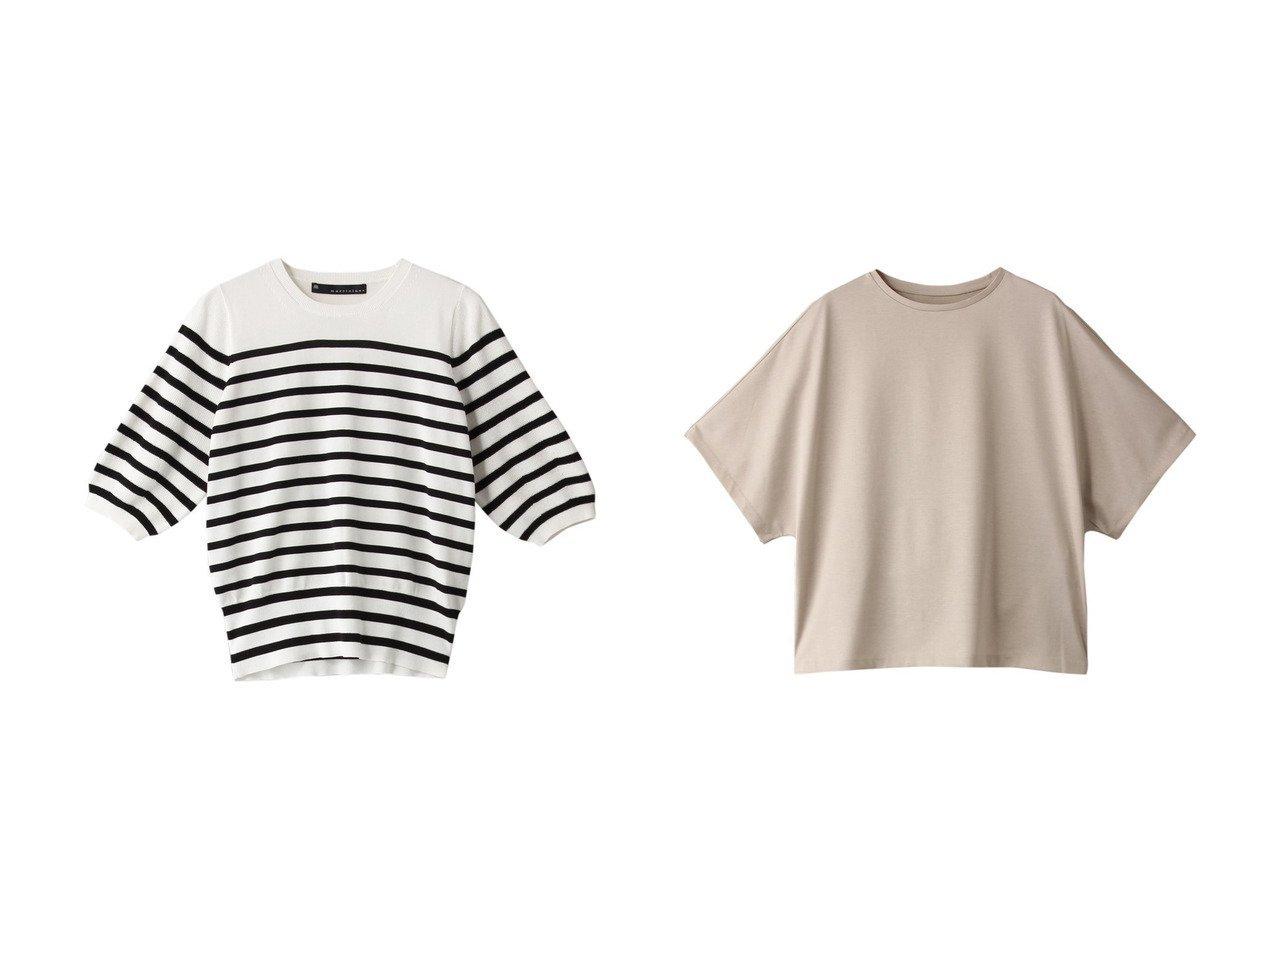 【martinique/マルティニーク】のクルーネックラグランTシャツ&袖切り替えクルーネックニットプルオーバー 【トップス・カットソー】おすすめ!人気、トレンド・レディースファッションの通販  おすすめで人気の流行・トレンド、ファッションの通販商品 インテリア・家具・メンズファッション・キッズファッション・レディースファッション・服の通販 founy(ファニー) https://founy.com/ ファッション Fashion レディースファッション WOMEN トップス・カットソー Tops/Tshirt ニット Knit Tops プルオーバー Pullover シャツ/ブラウス Shirts/Blouses ロング / Tシャツ T-Shirts カットソー Cut and Sewn シンプル 夏 Summer 畦 ショート スリーブ  ID:crp329100000049310